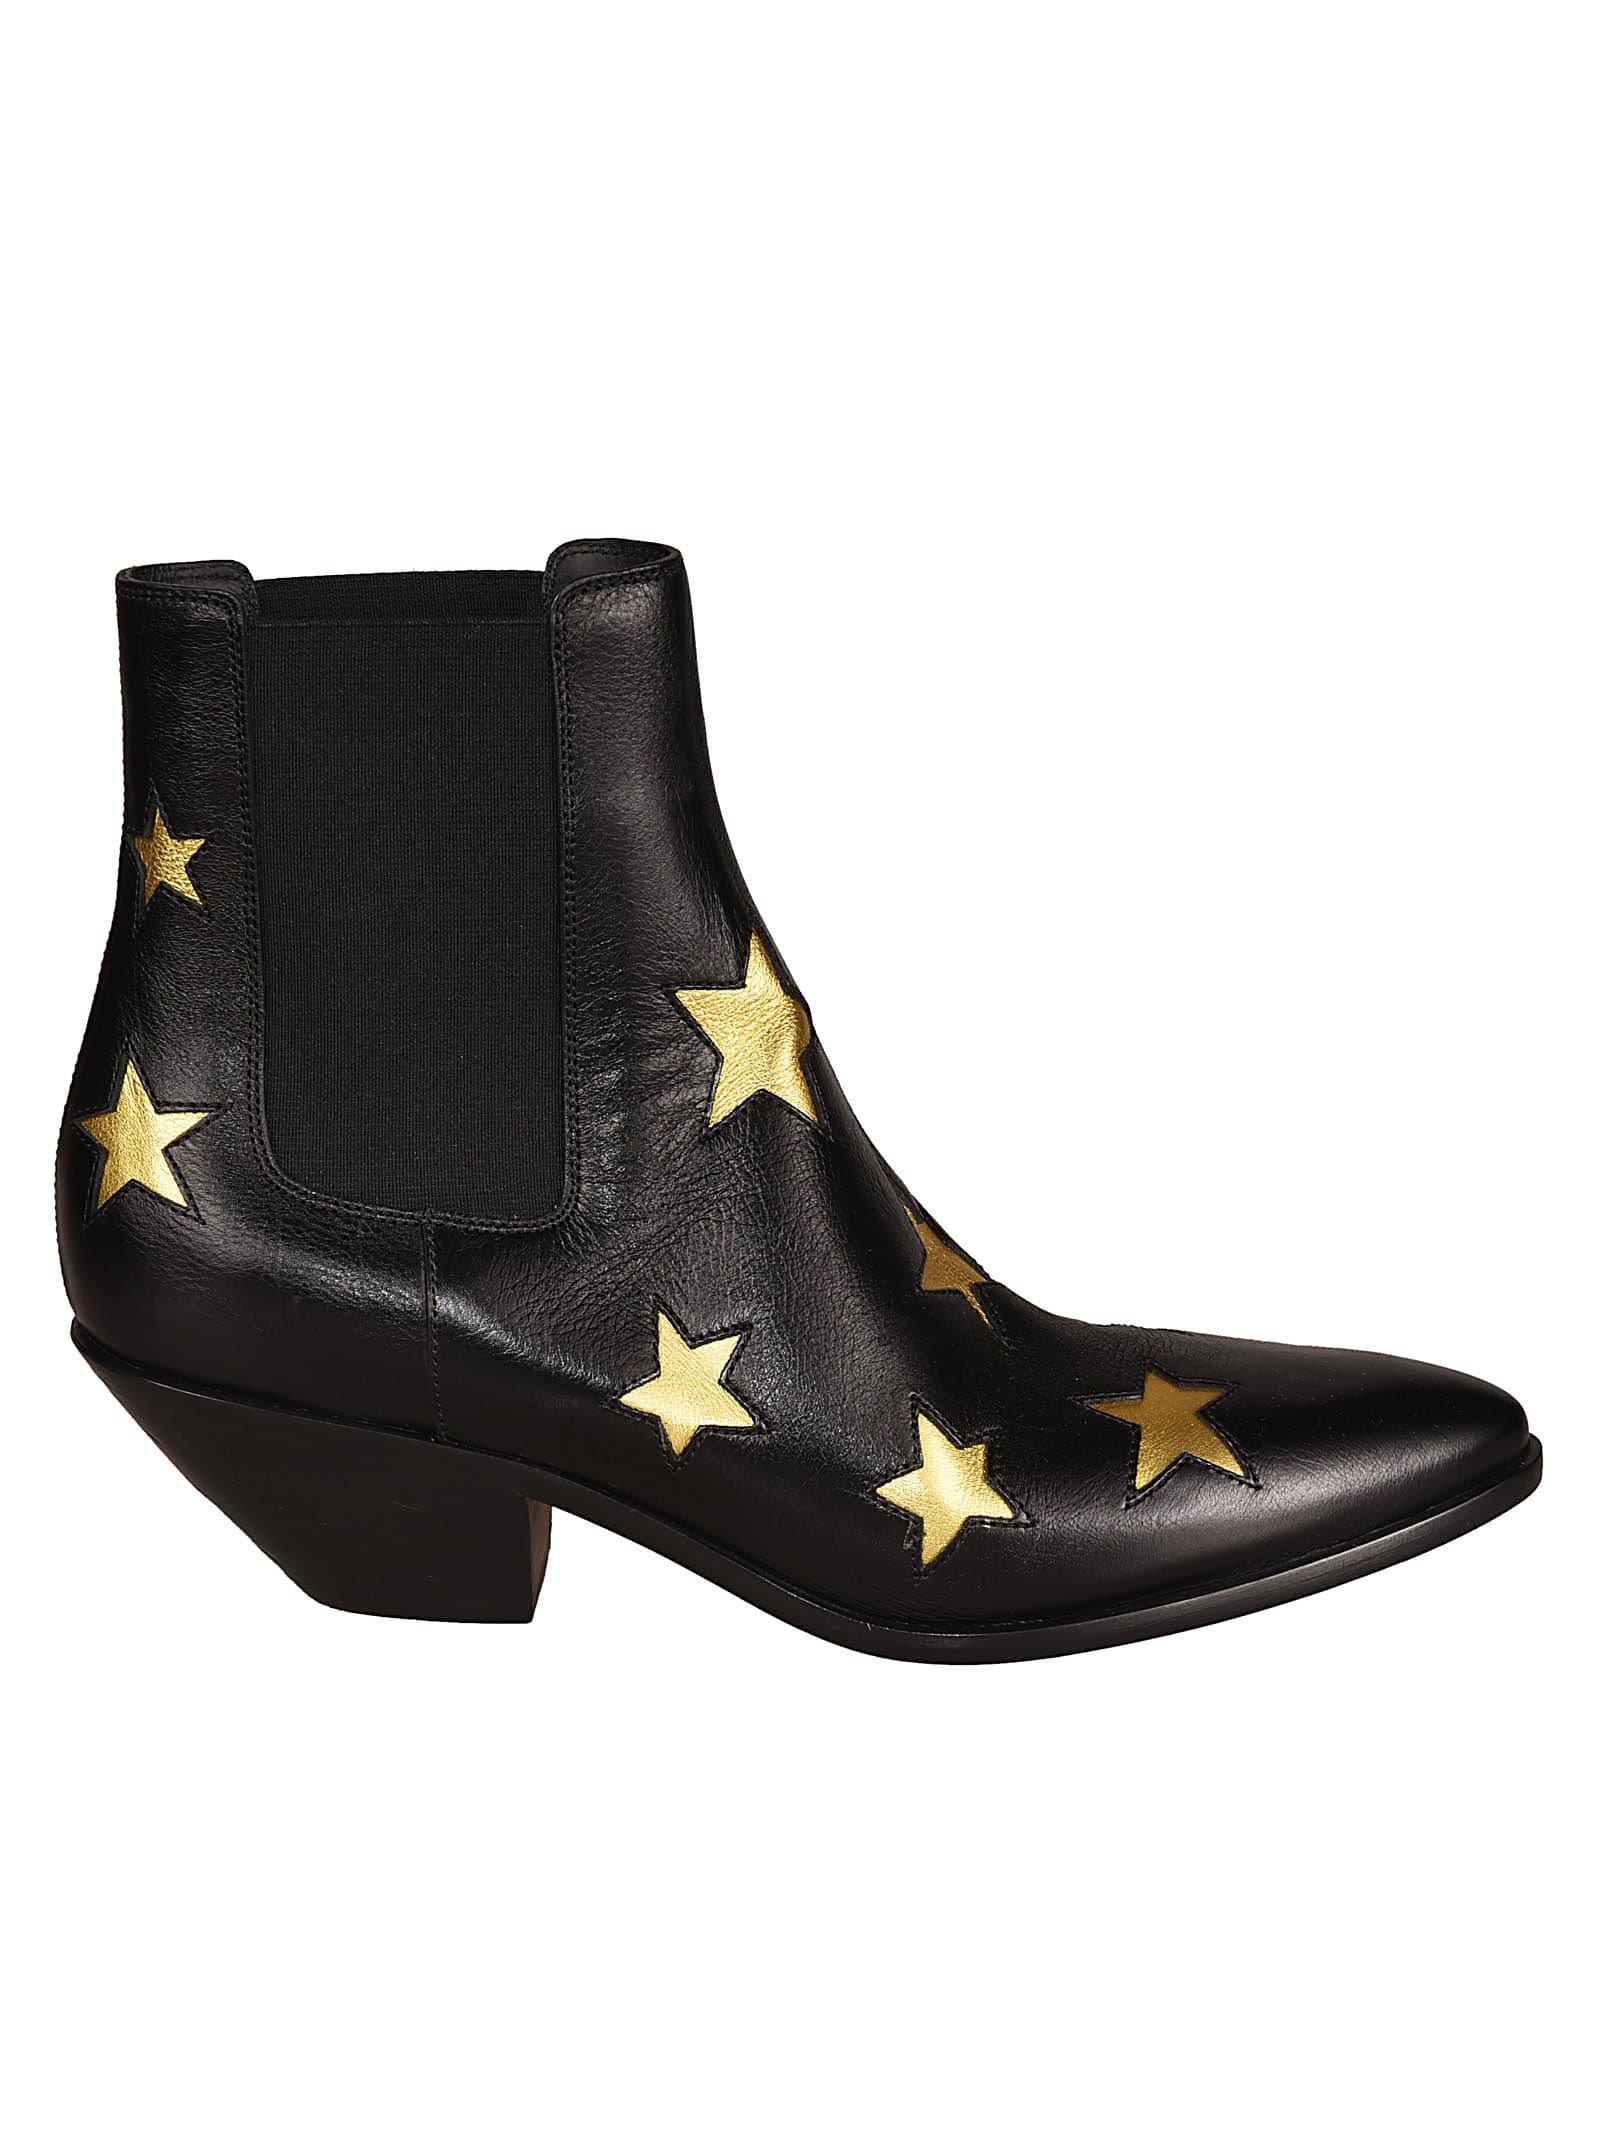 Saint Laurent West 45 Chelsea Ankle Boots